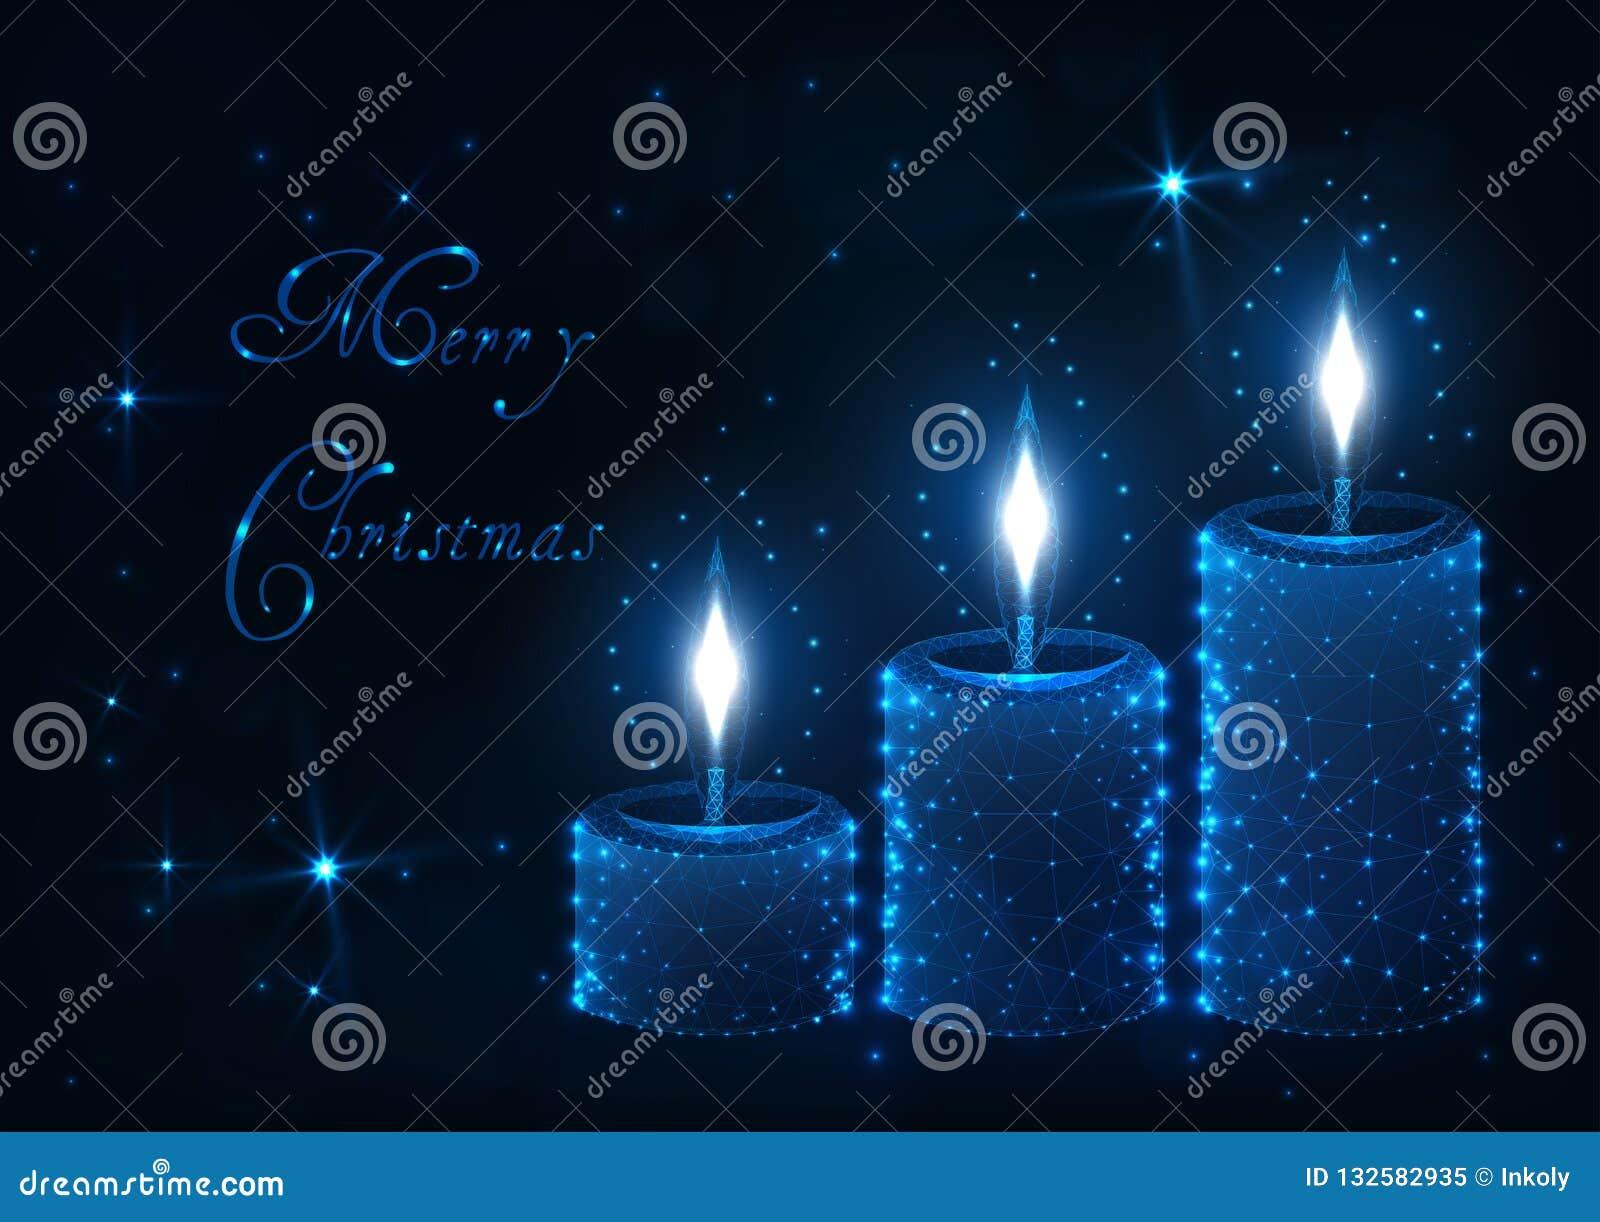 De vrolijke kaart van de Kerstmisgroet met decoratieve aromakaars met vlammen, glanzende sterren en teksten